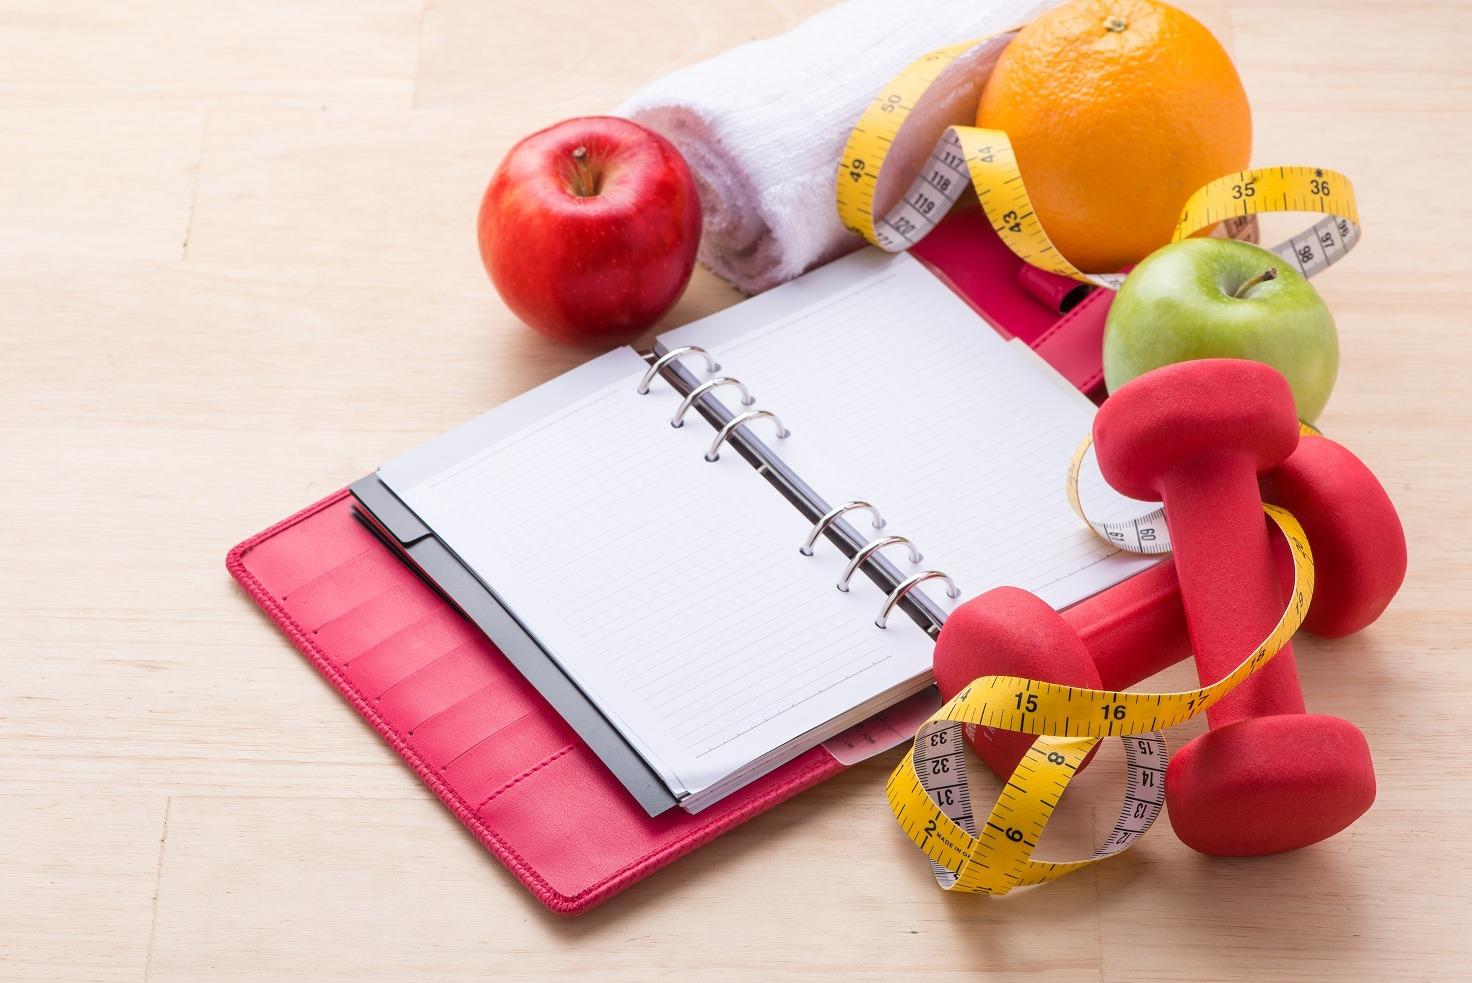 probleme de pierdere în greutate ajută b6 la pierderea în greutate